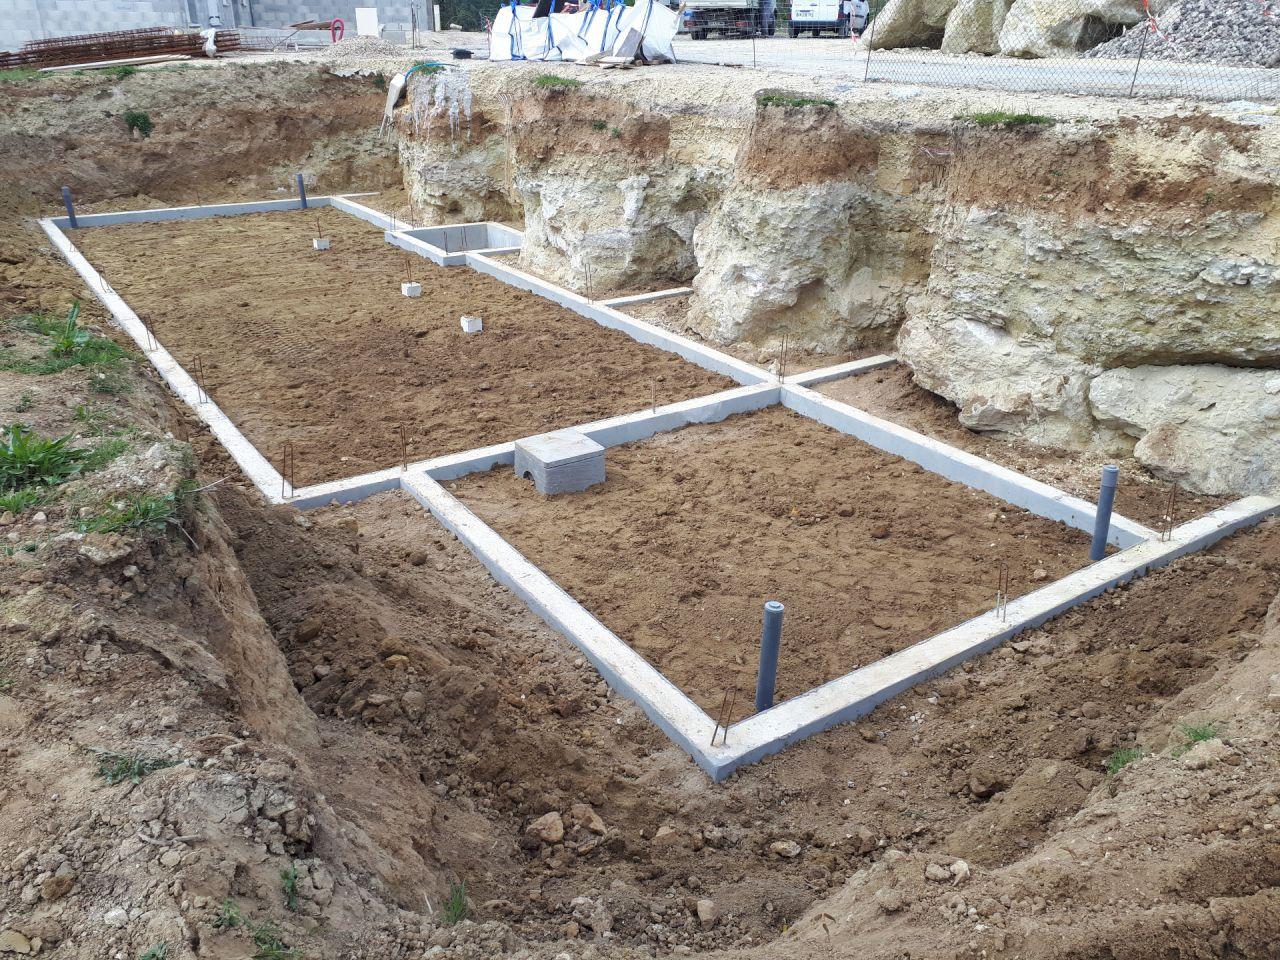 Voilà, drain en place et chantier laissé nickel par le terrassier